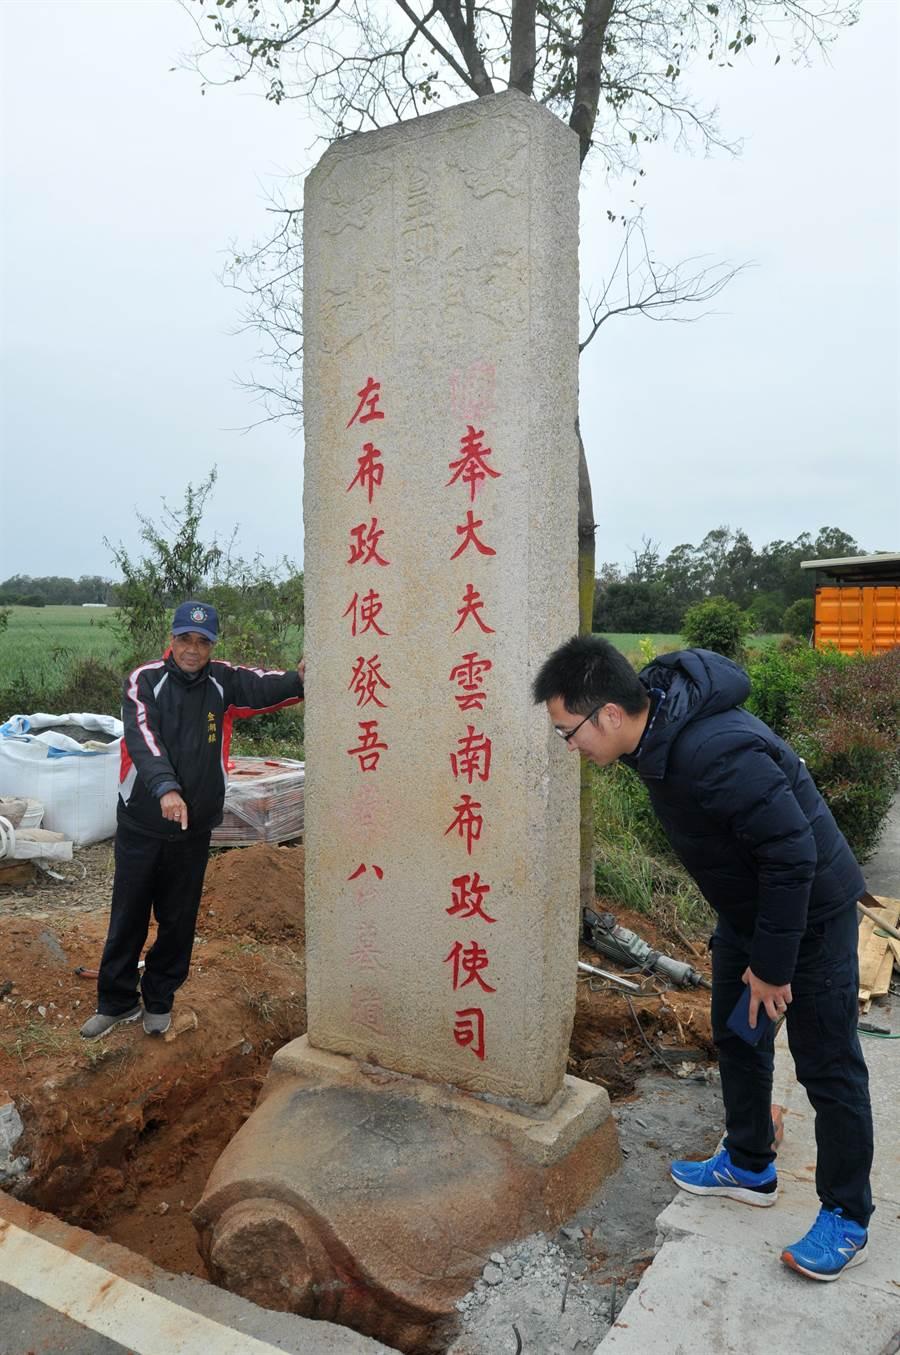 至今已有近400年歷史的「蔡守愚墓道碑」埋沒地下約半世紀的贔屭狀龜趺座出土。(李金生攝)